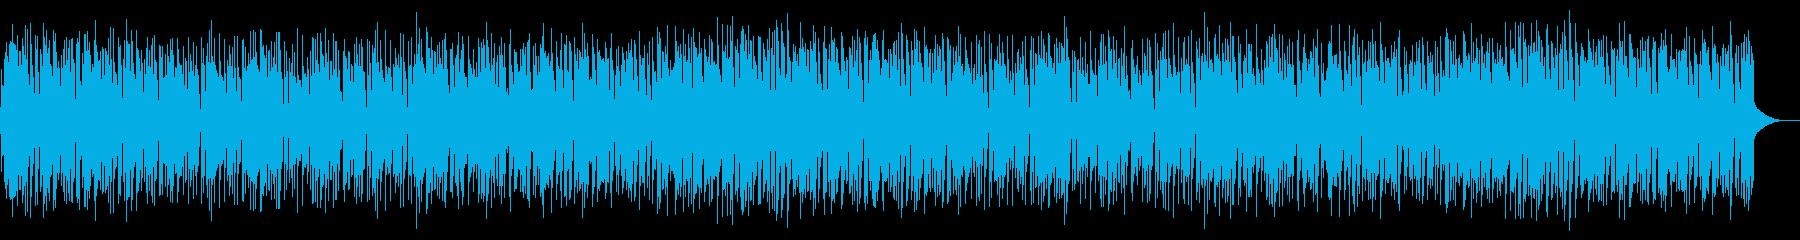 おしゃれ・ポップ・ほのぼの・メルヘンの再生済みの波形